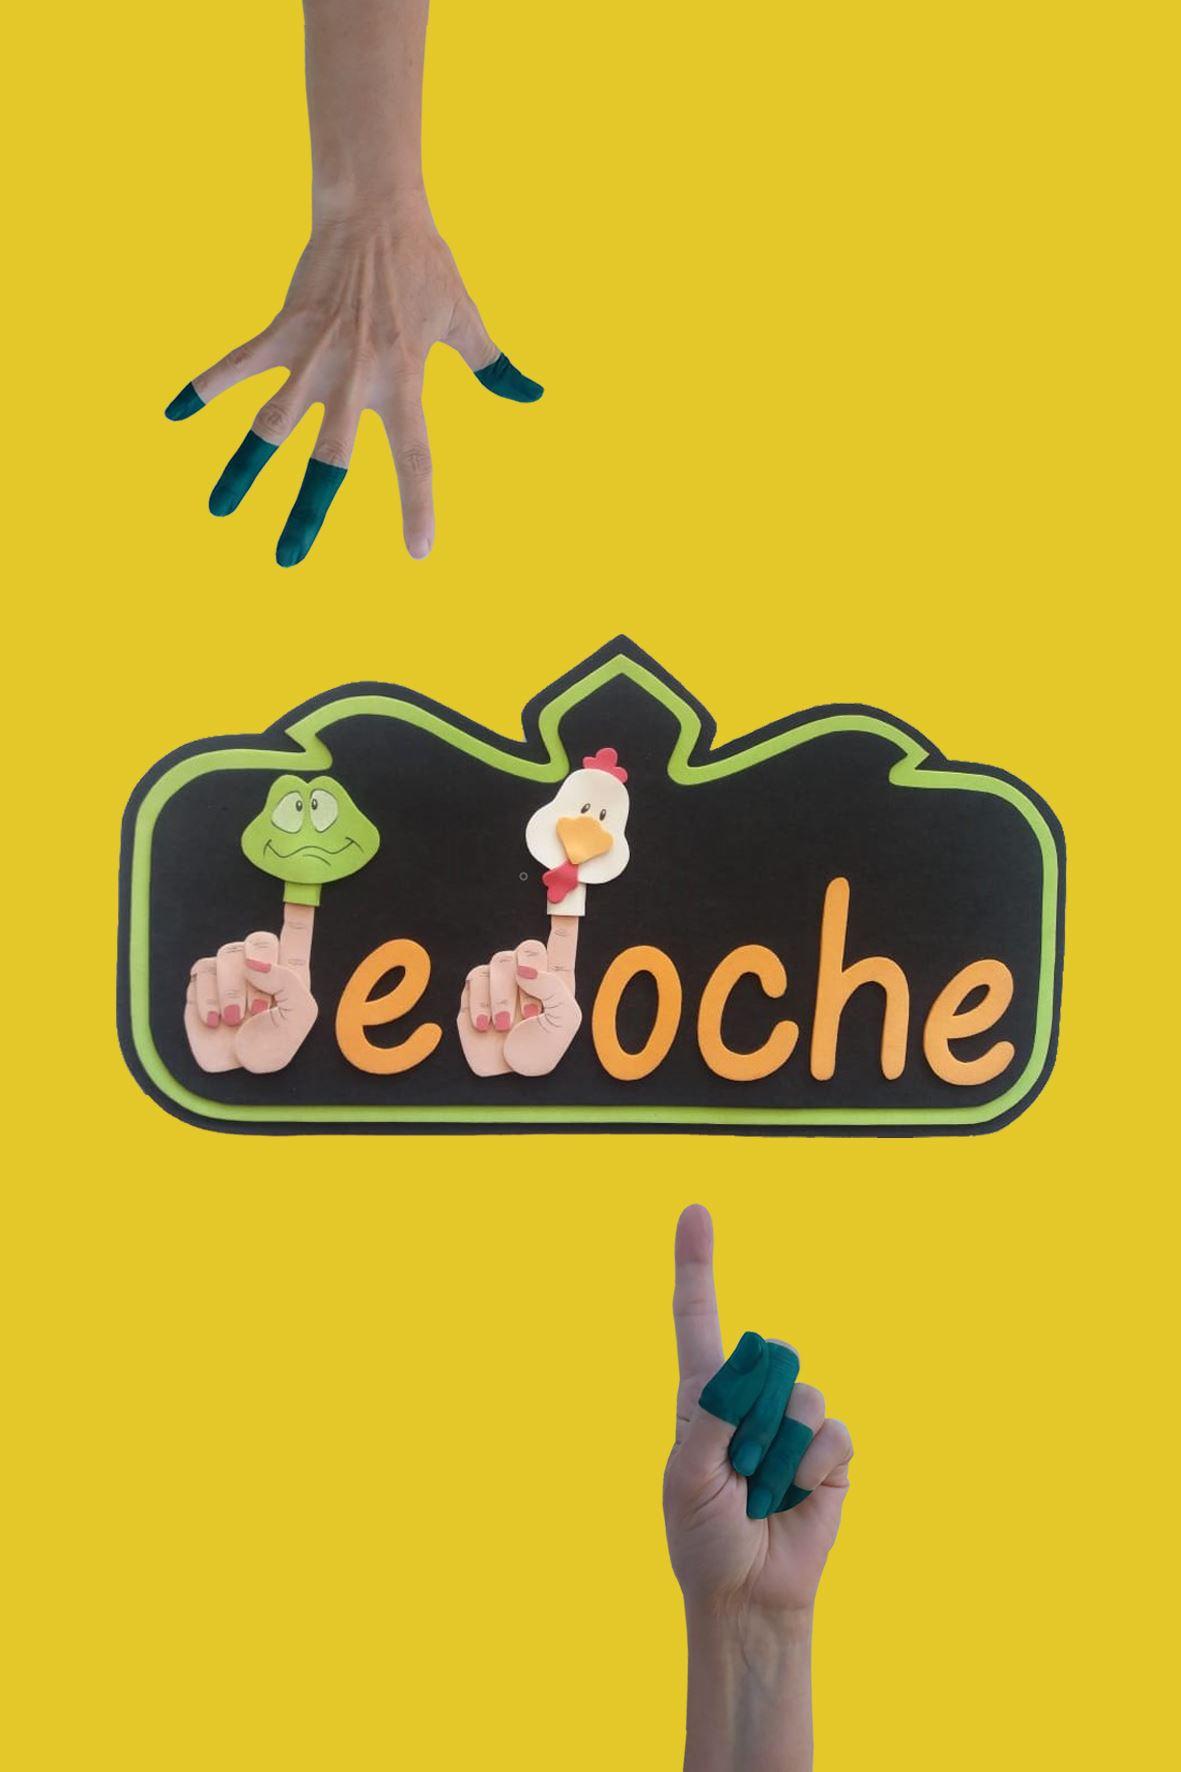 Logotipo - Dedoches da Lori